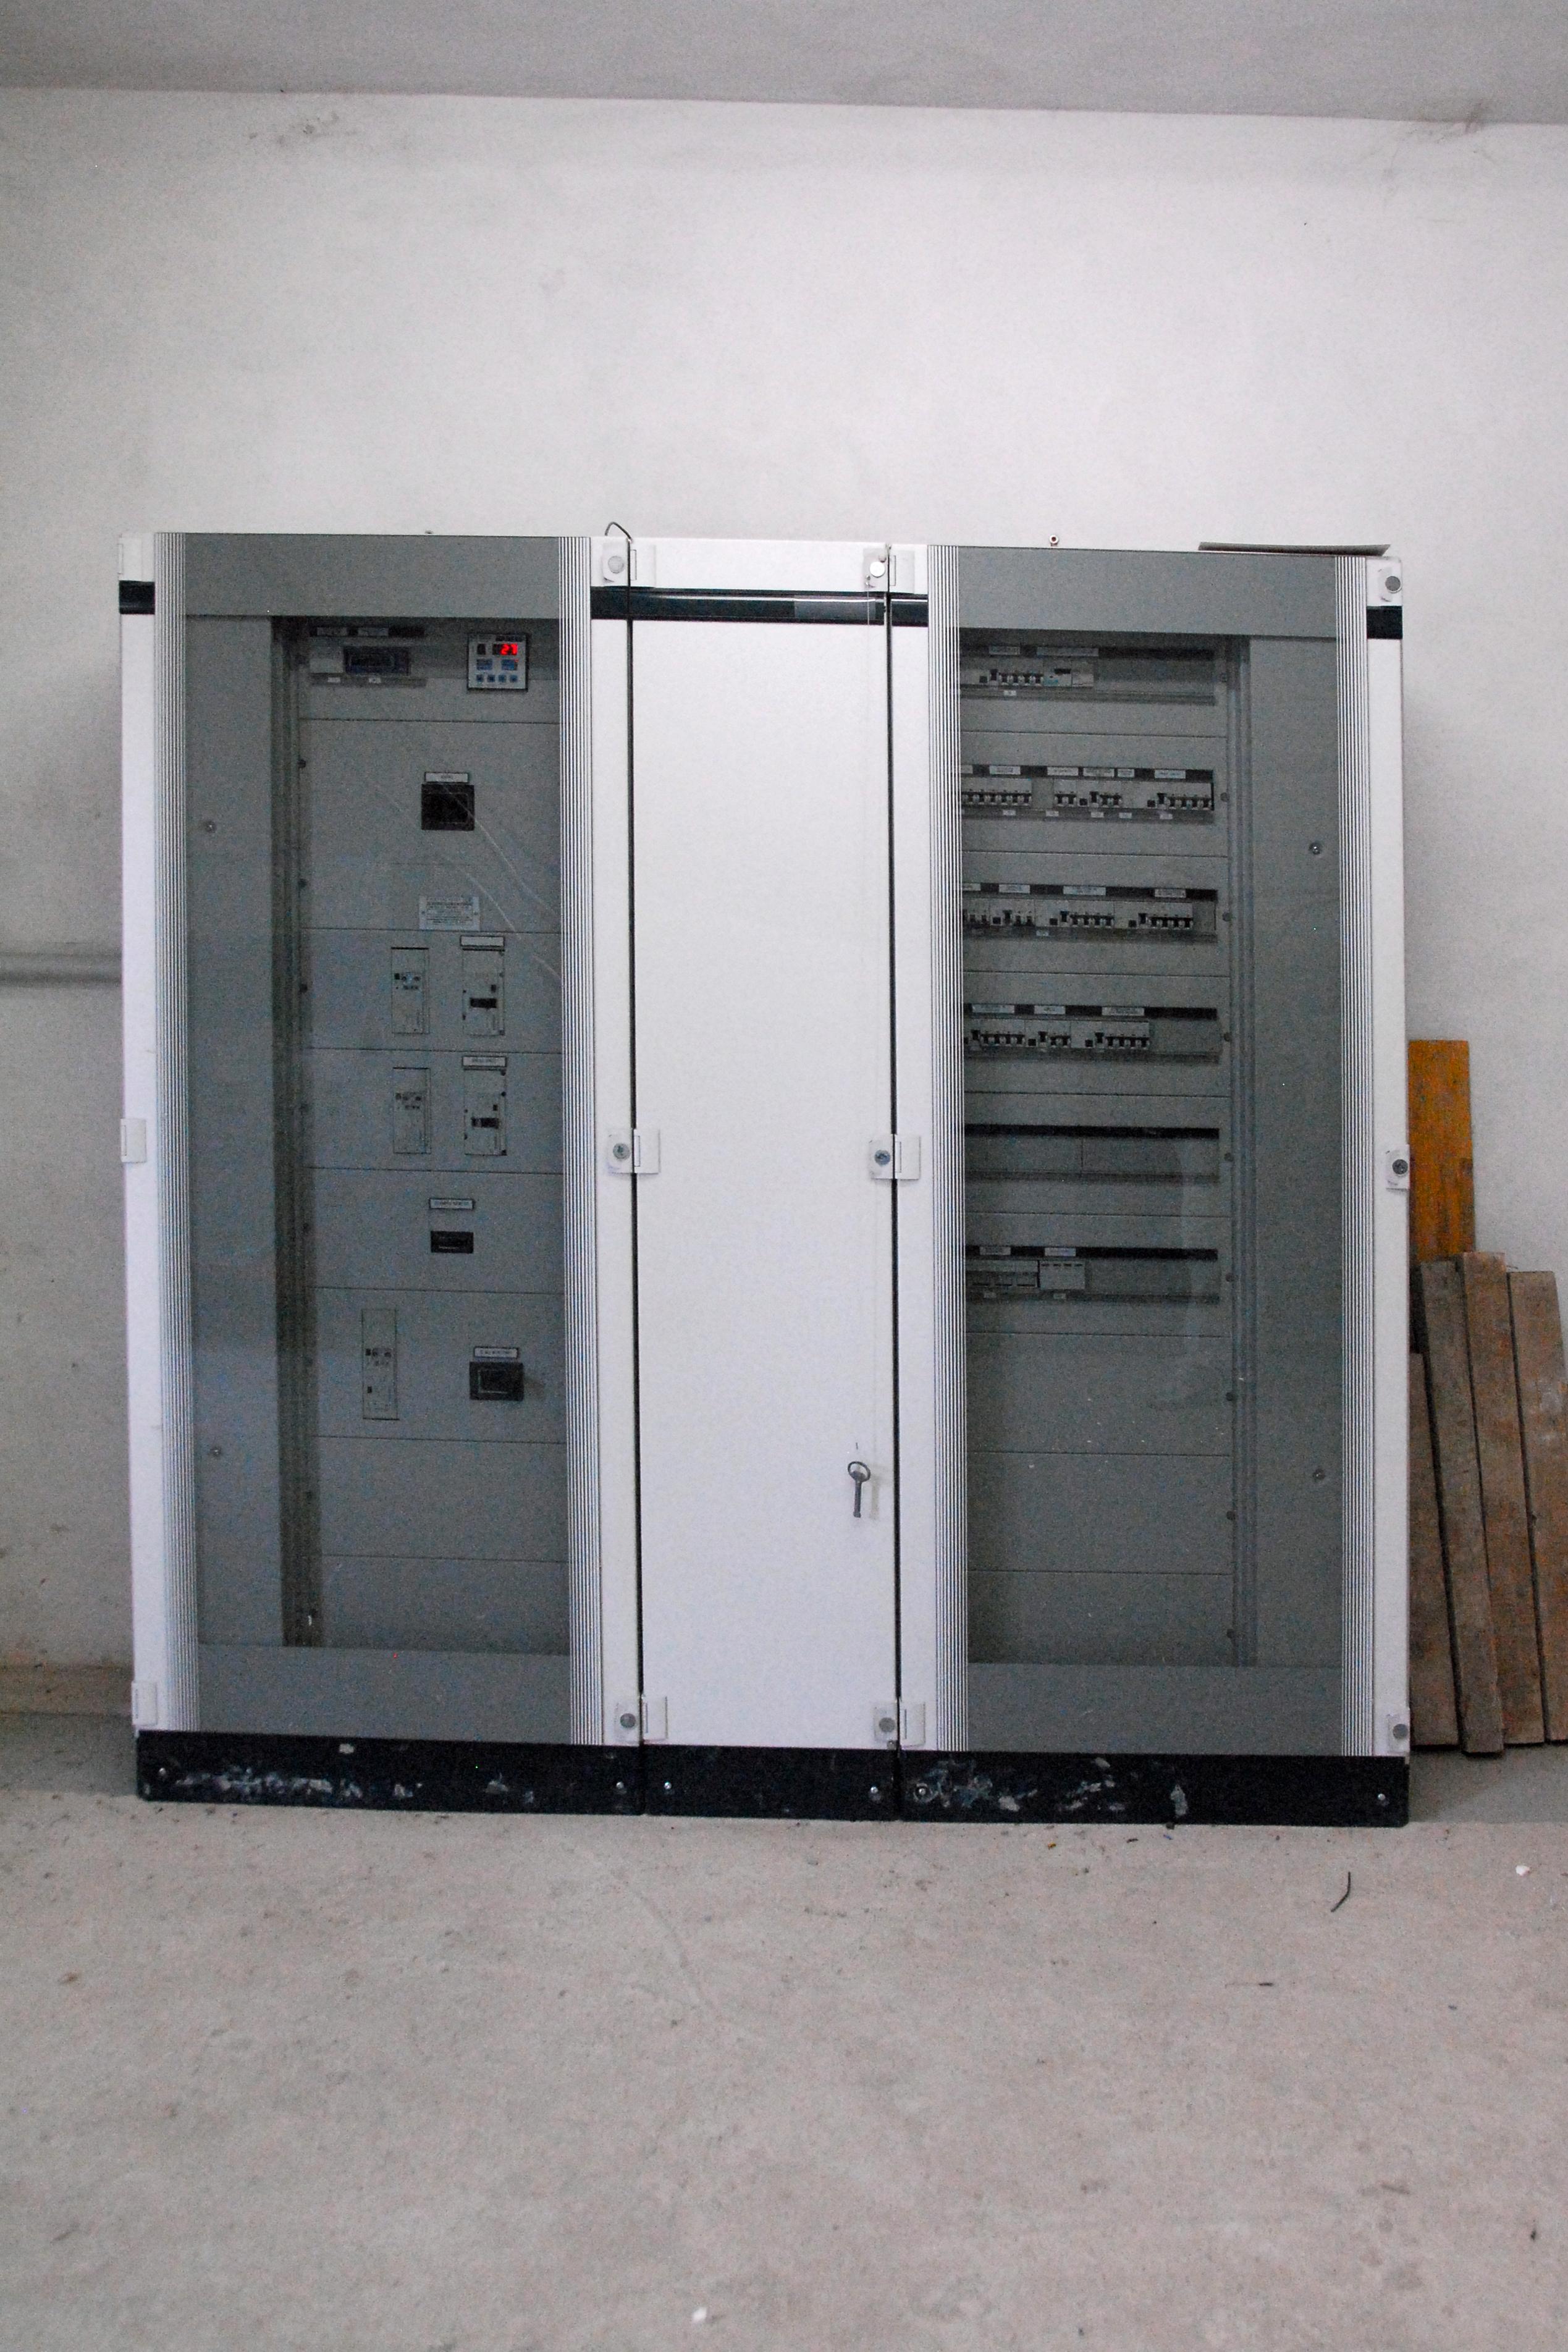 Simboli Schemi Elettrici Automazione : Quadri elettrici per macchine etichettatrici elettrorizzi s r l